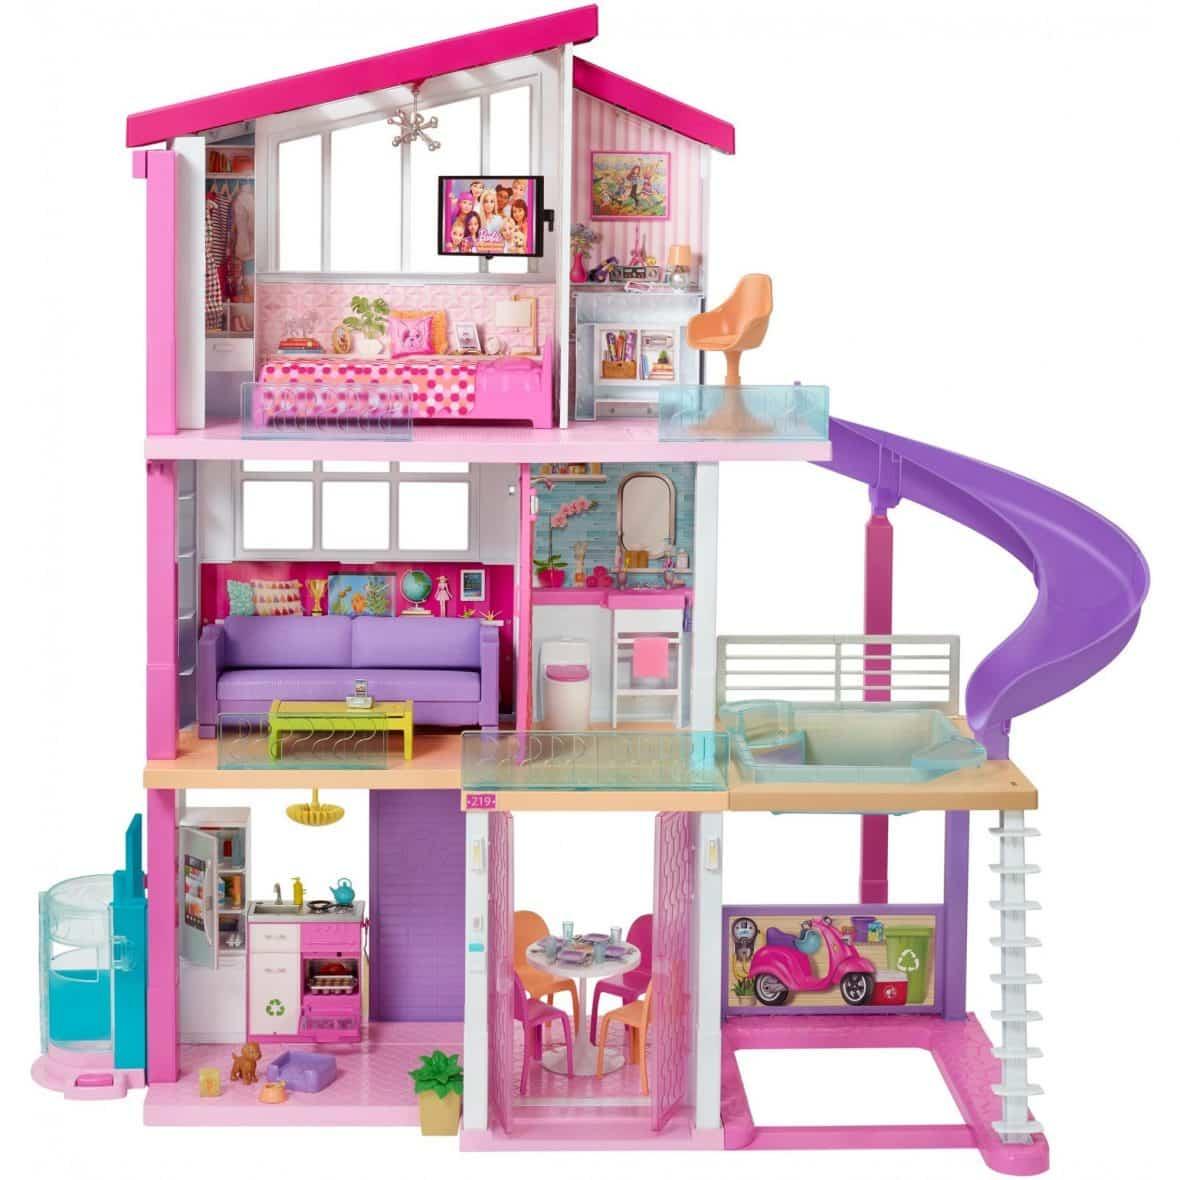 Barbie DreamHouse $156 ( Org. $199)